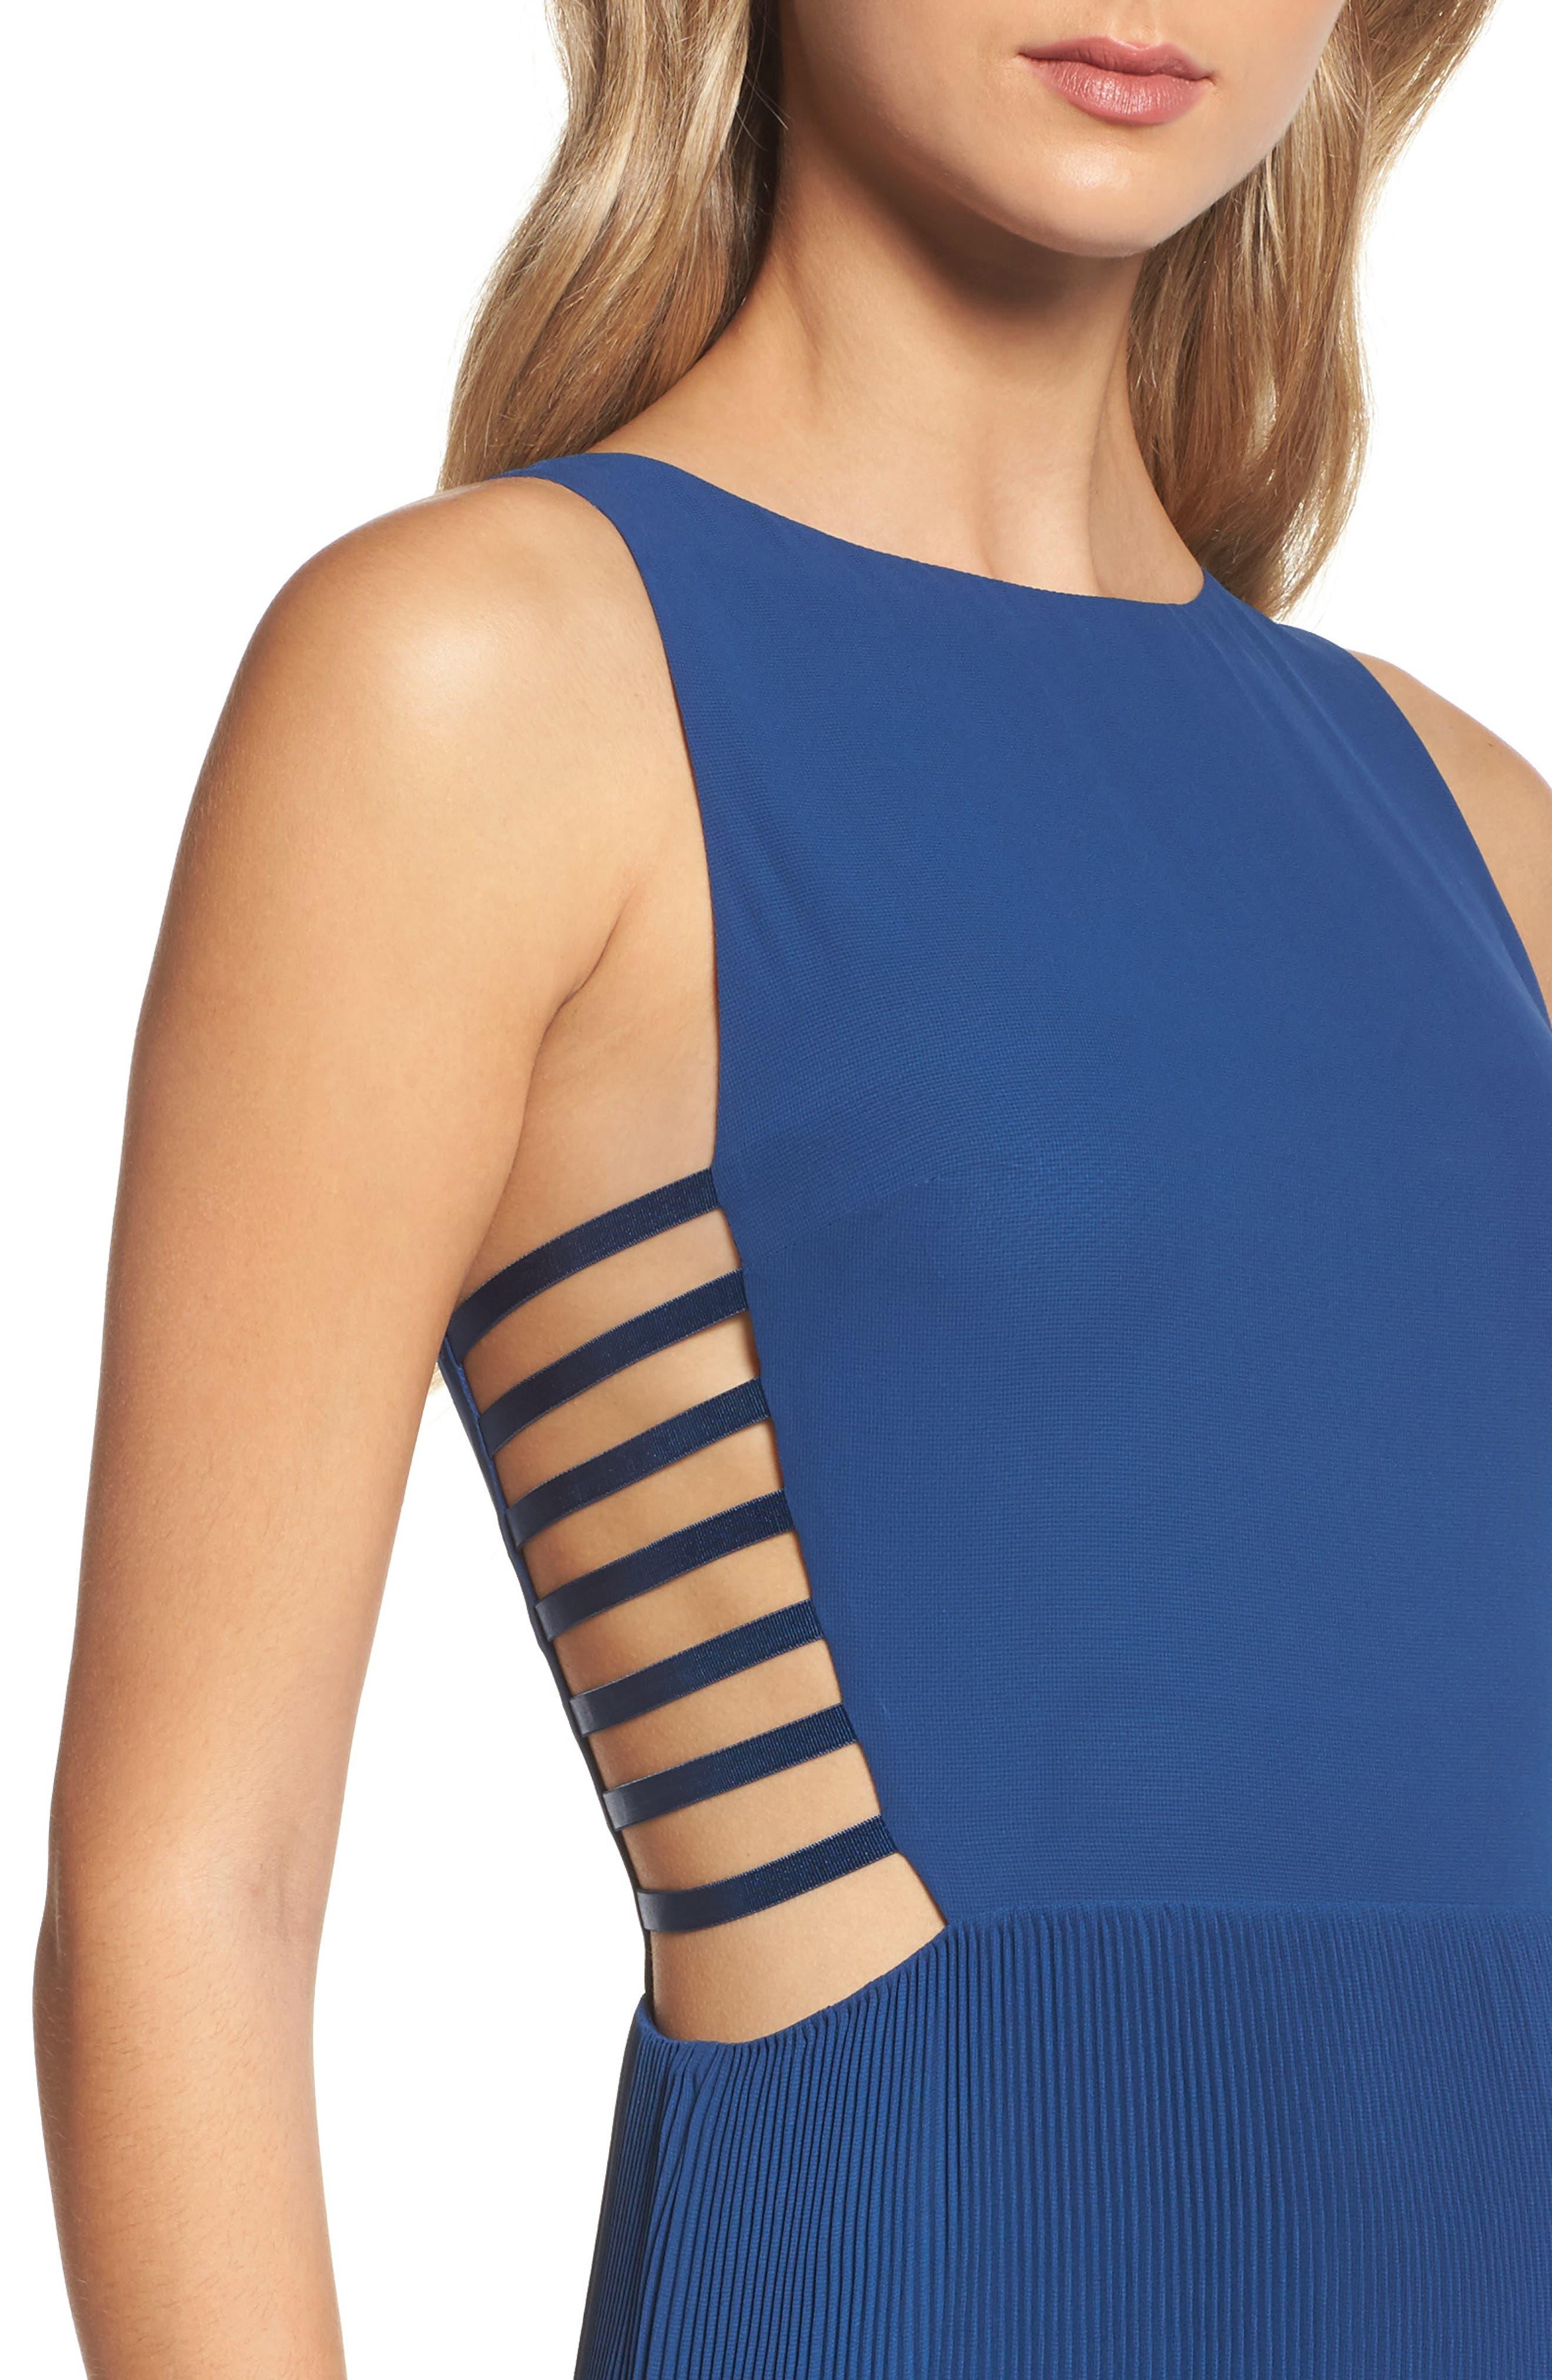 Sunset Blvd Maxi Dress,                             Alternate thumbnail 8, color,